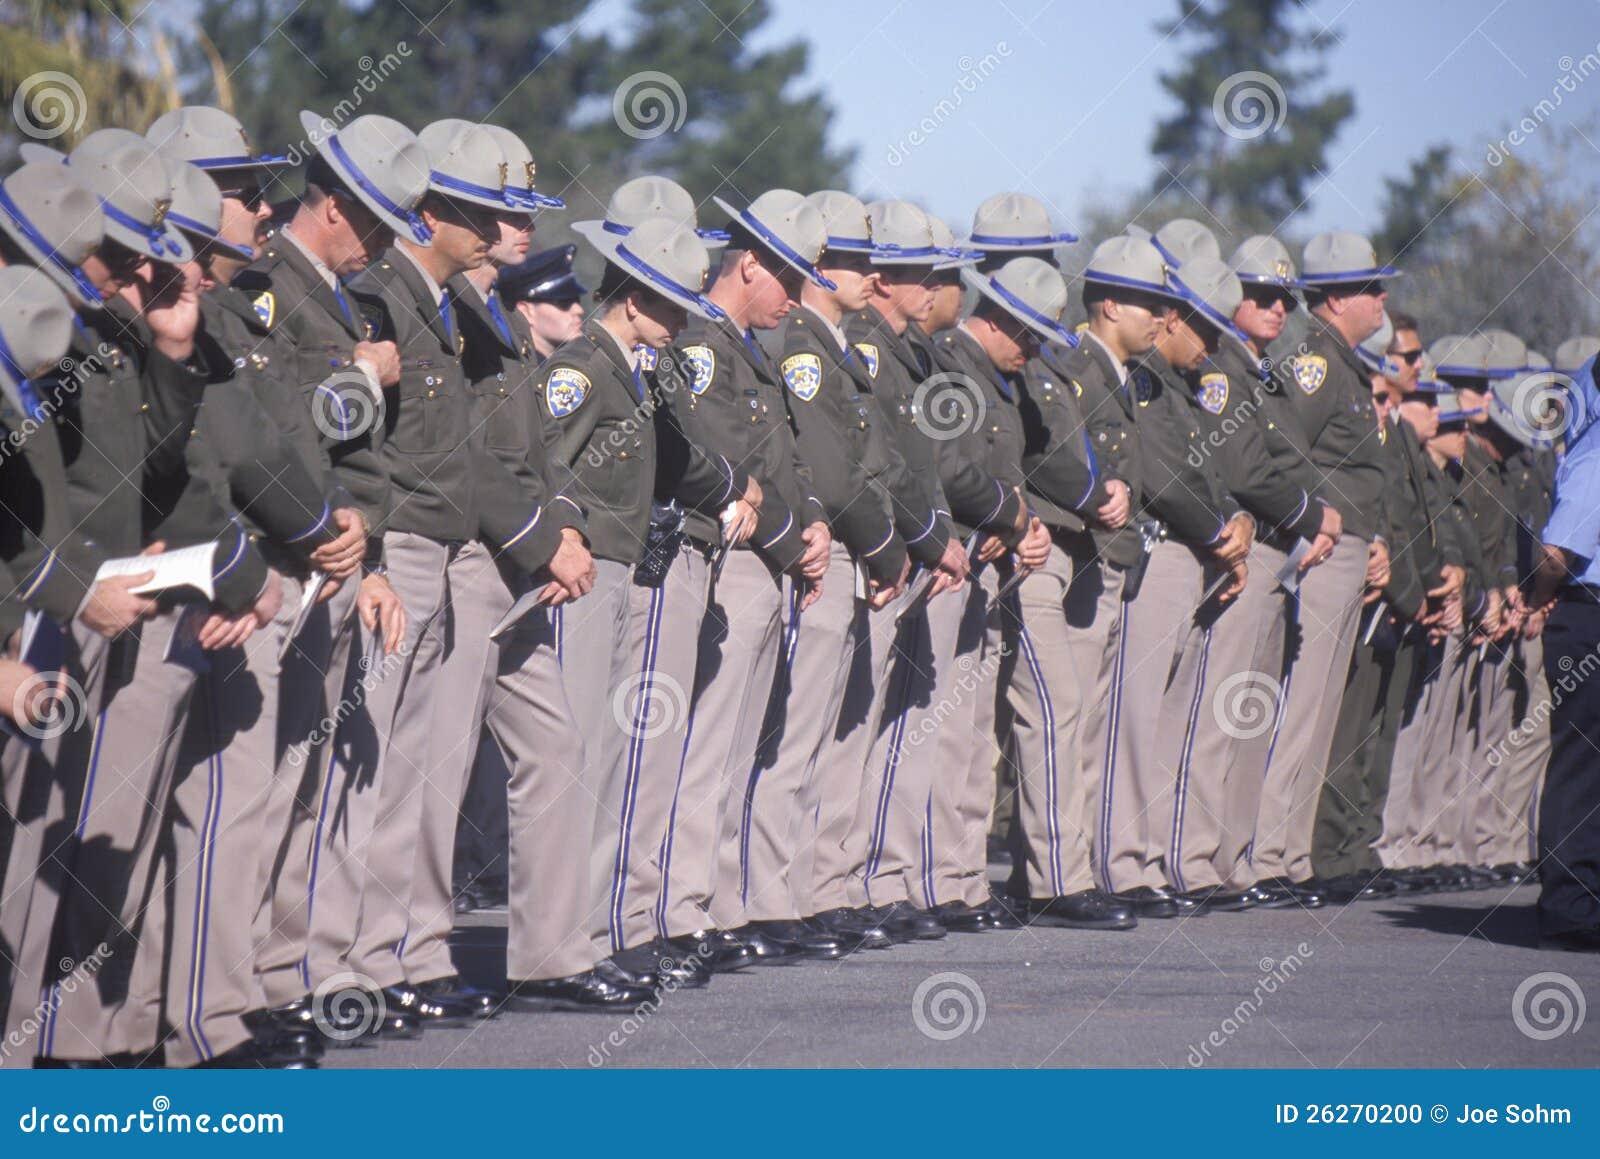 Polizeibeamten an der Begräbnis- Zeremonie,